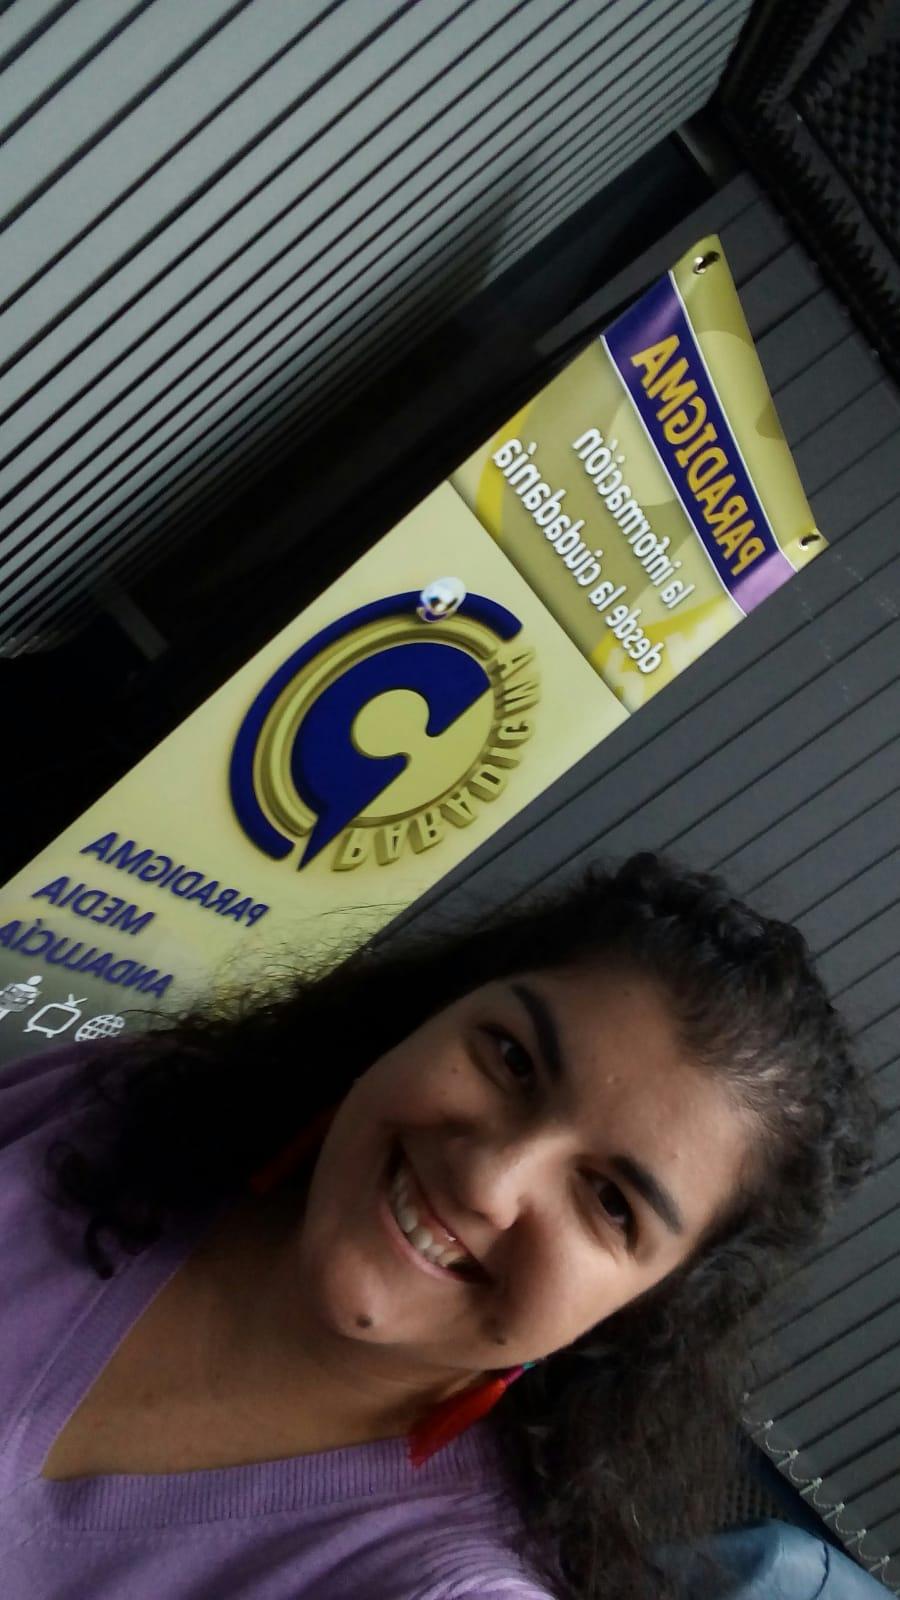 Córdoba-El testimonio de una activista, Arianna